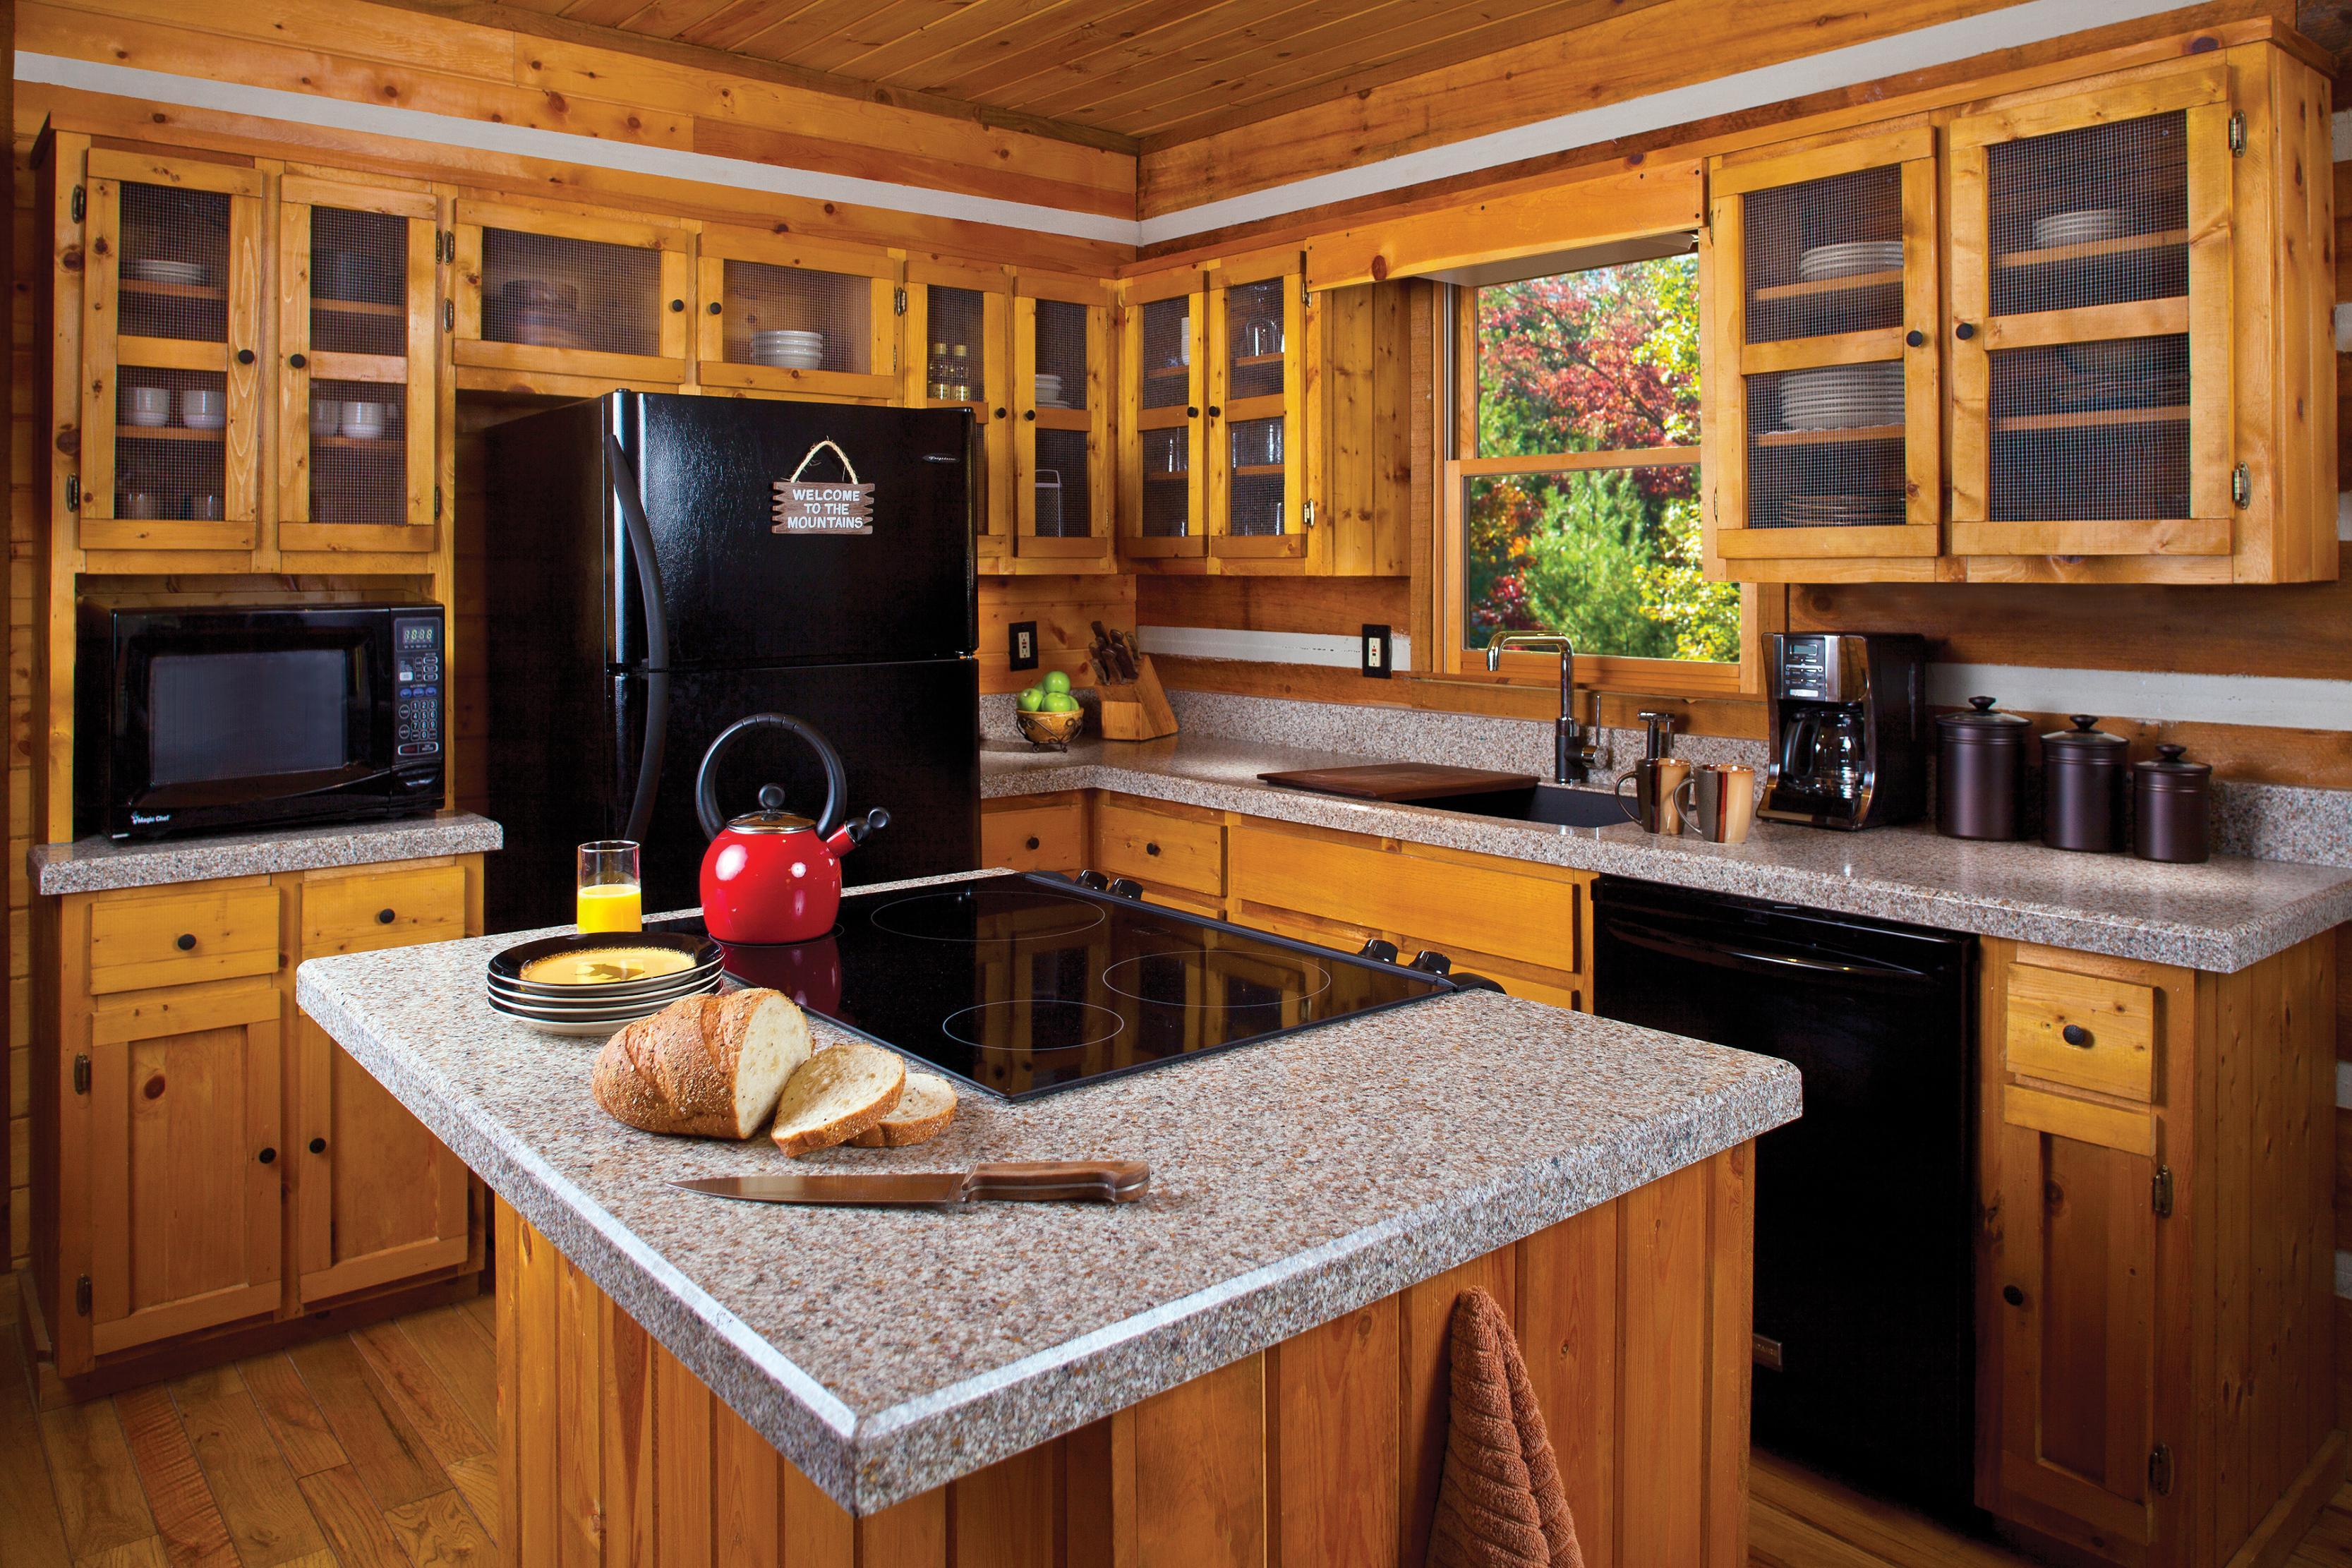 بالصور افكار منزلية للمطبخ , جديدة ومبتكرة ورائع للمطبخ الضيق والواسع 2020 11